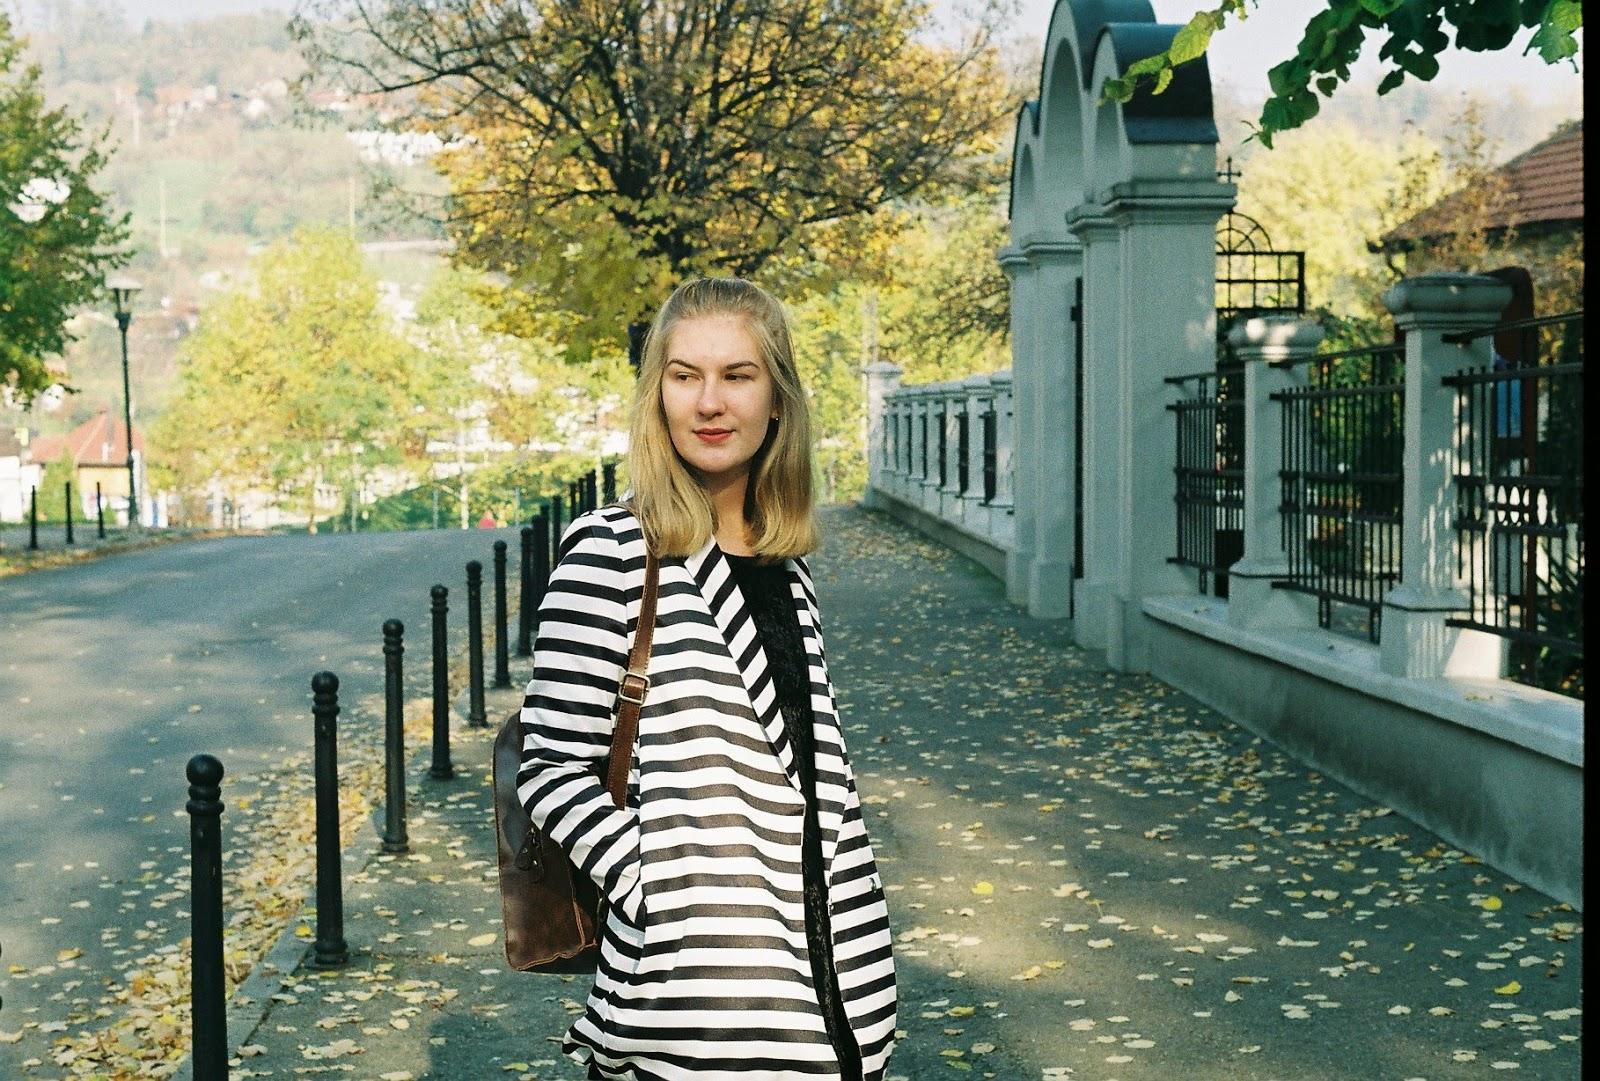 youarethepoet, filipa canic, filipa canic blog, you are the poet blog, analog photography, fashion blog